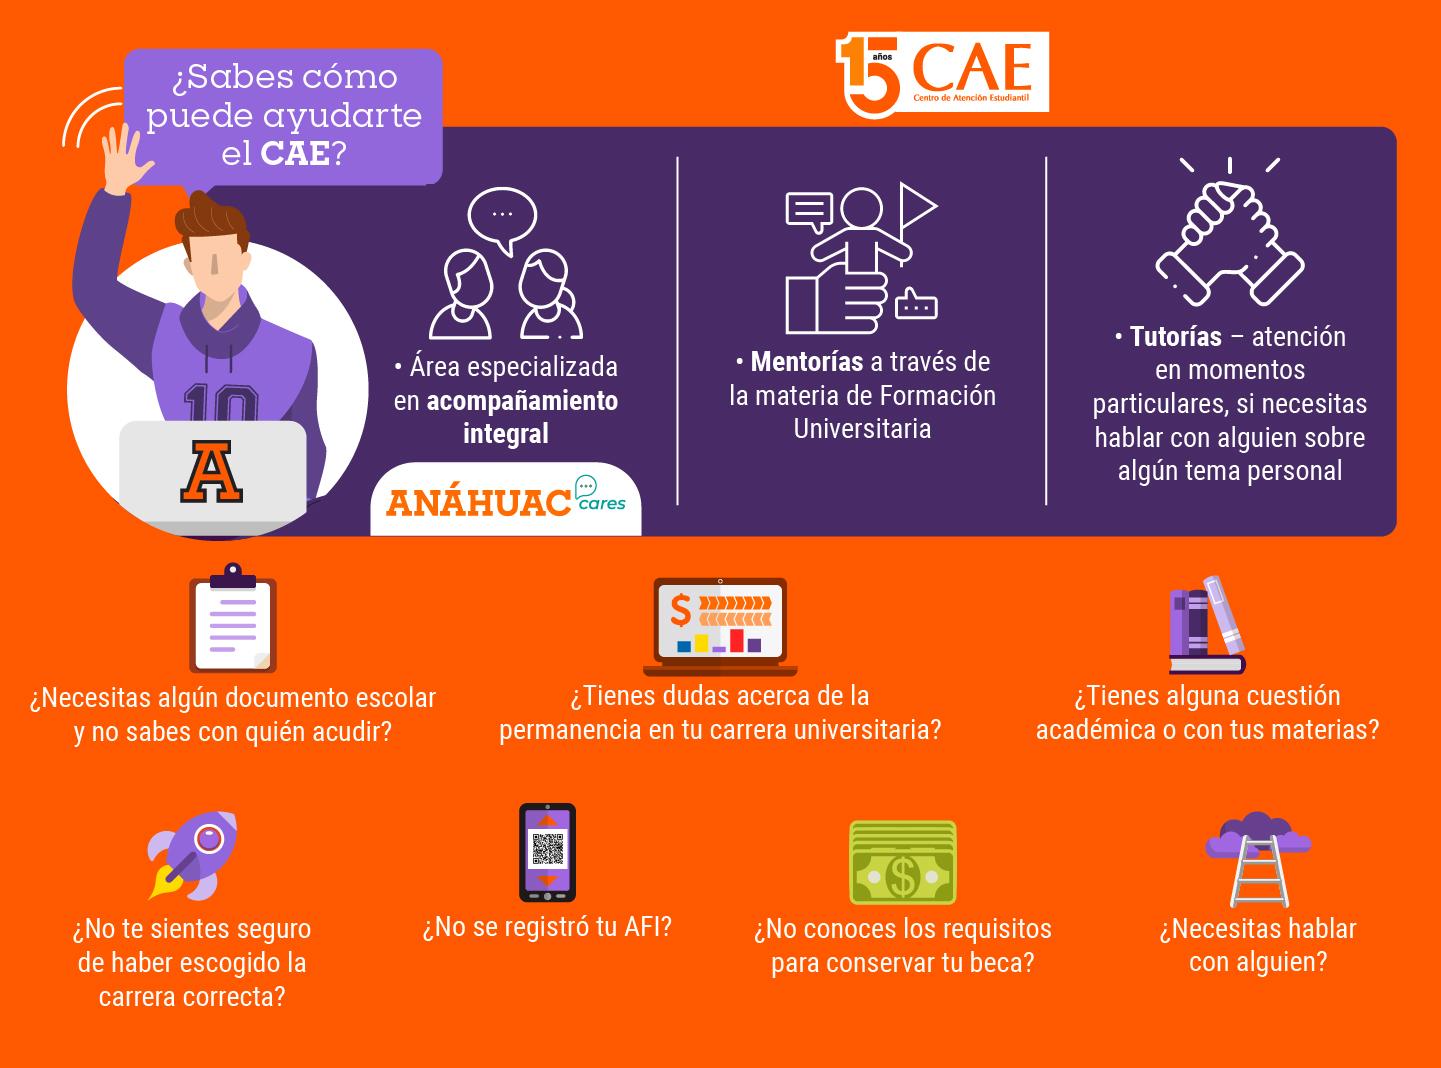 ¿En qué te ayuda el CAE?